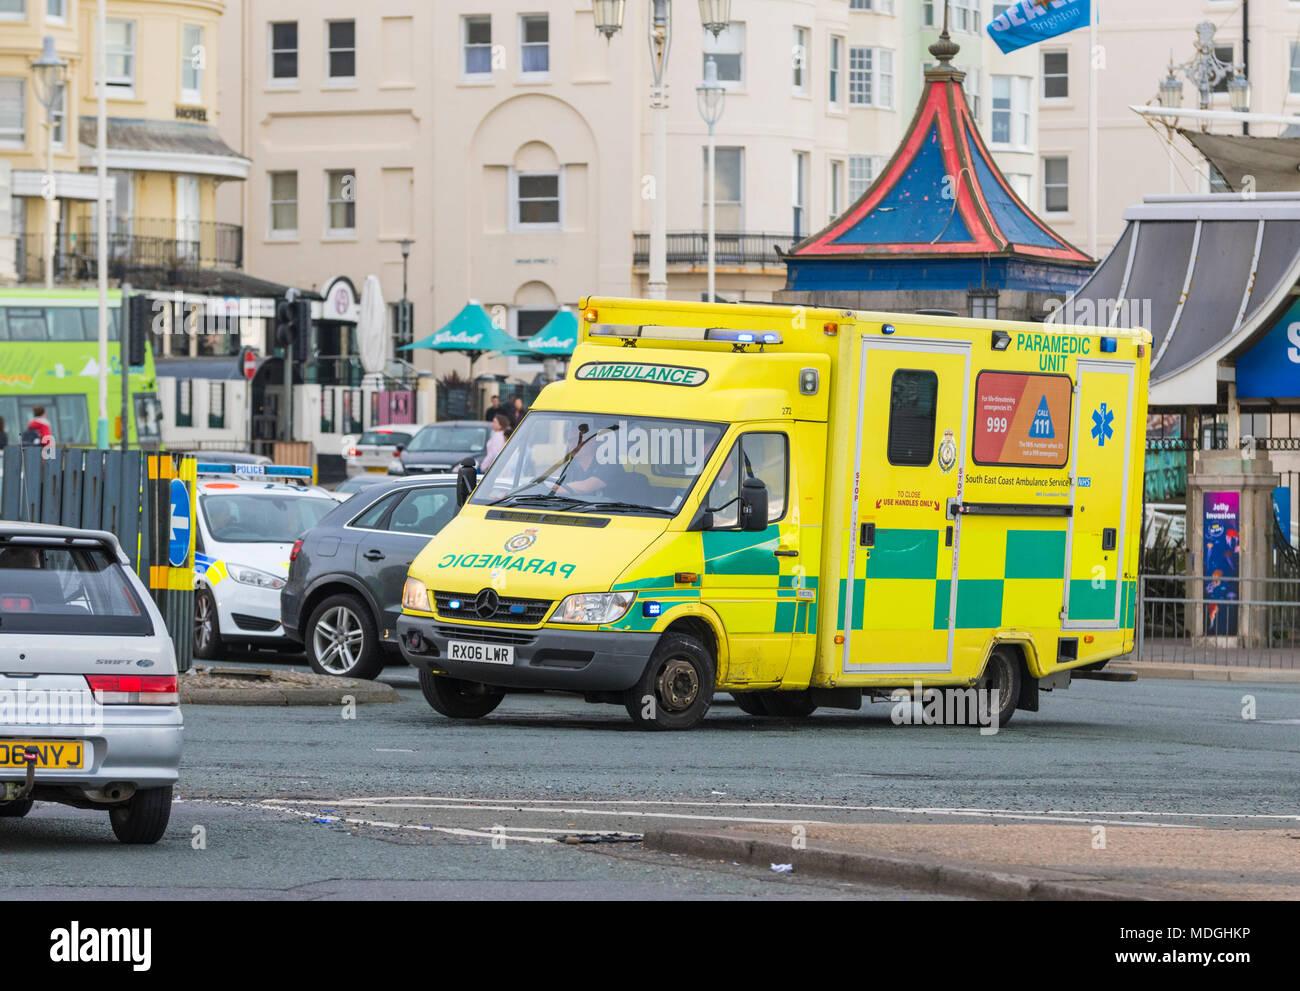 La NHS Ambulance dans le trafic important sur un rond-point, sur un appel avec feux bleus clignotant à Brighton, East Sussex, Angleterre, Royaume-Uni. Photo Stock